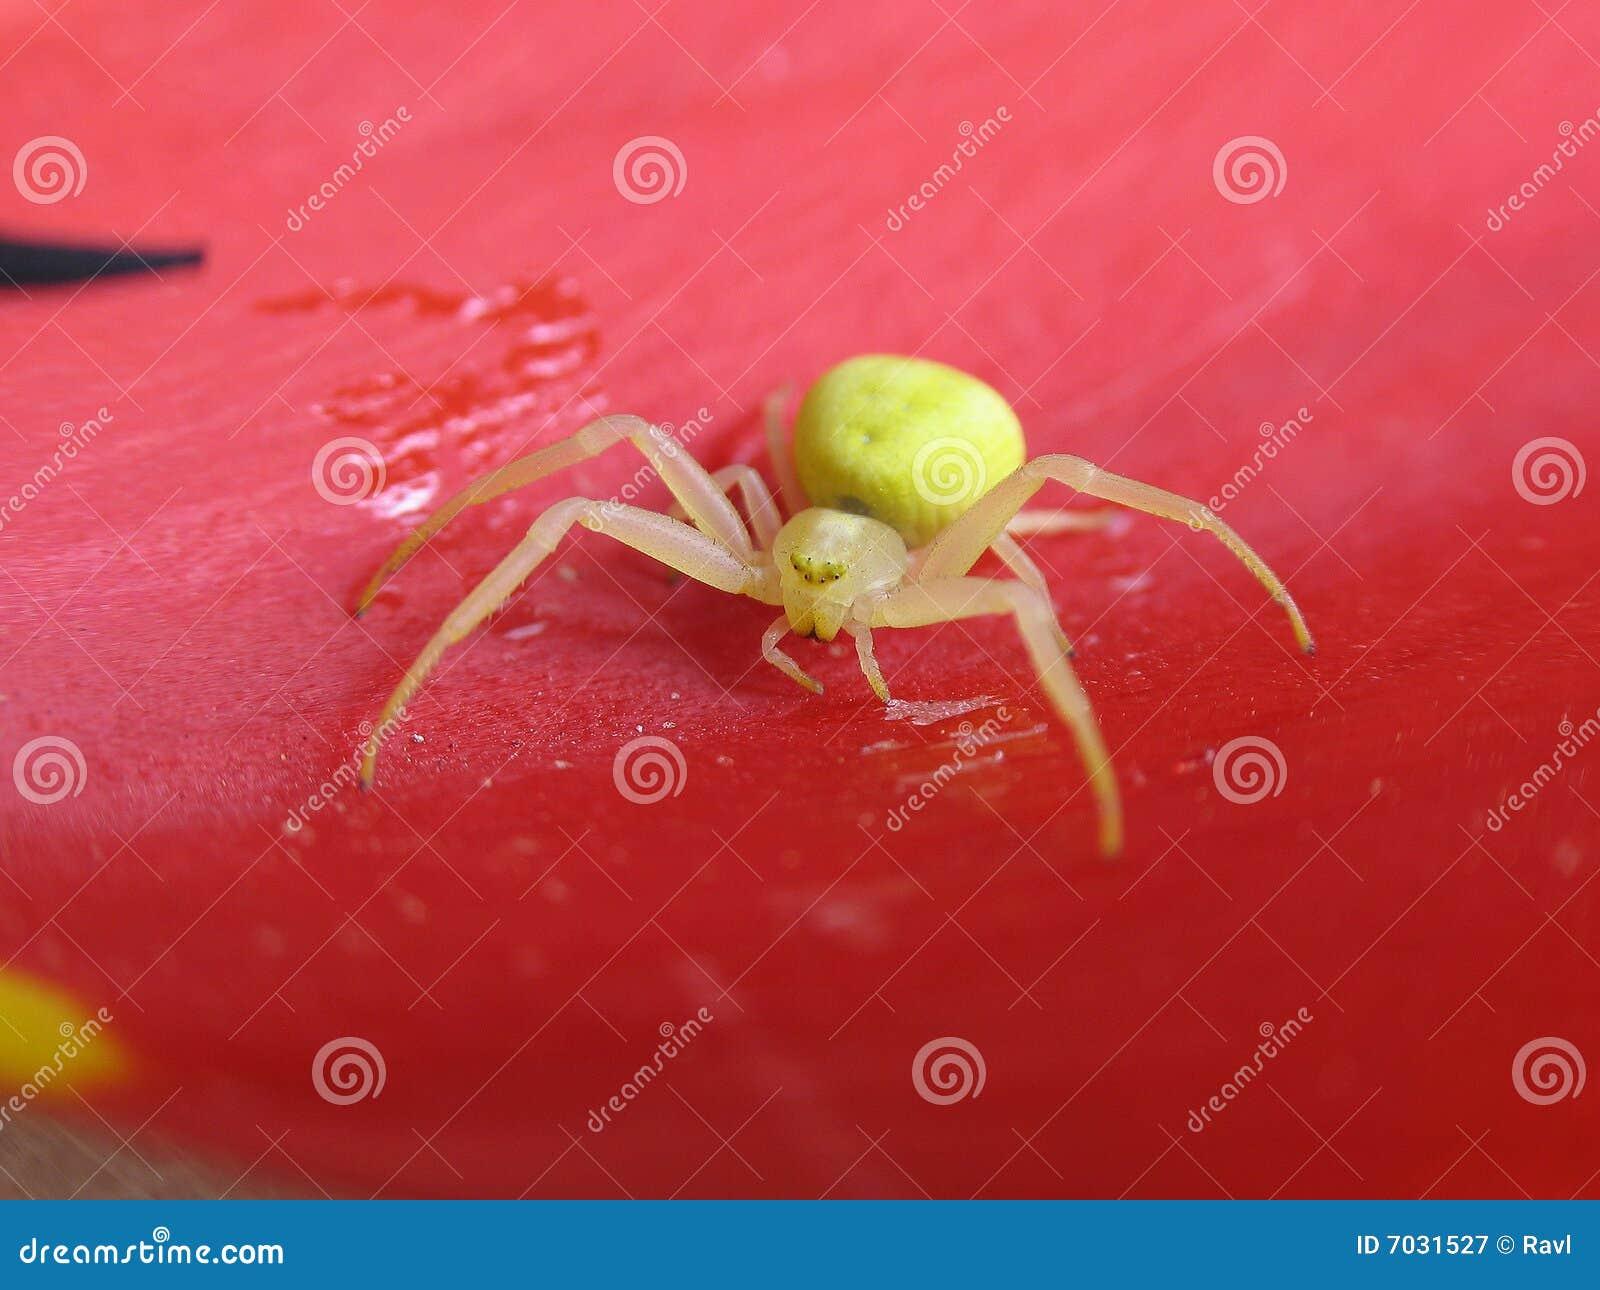 gelbe spinne lizenzfreie stockfotografie bild 7031527. Black Bedroom Furniture Sets. Home Design Ideas